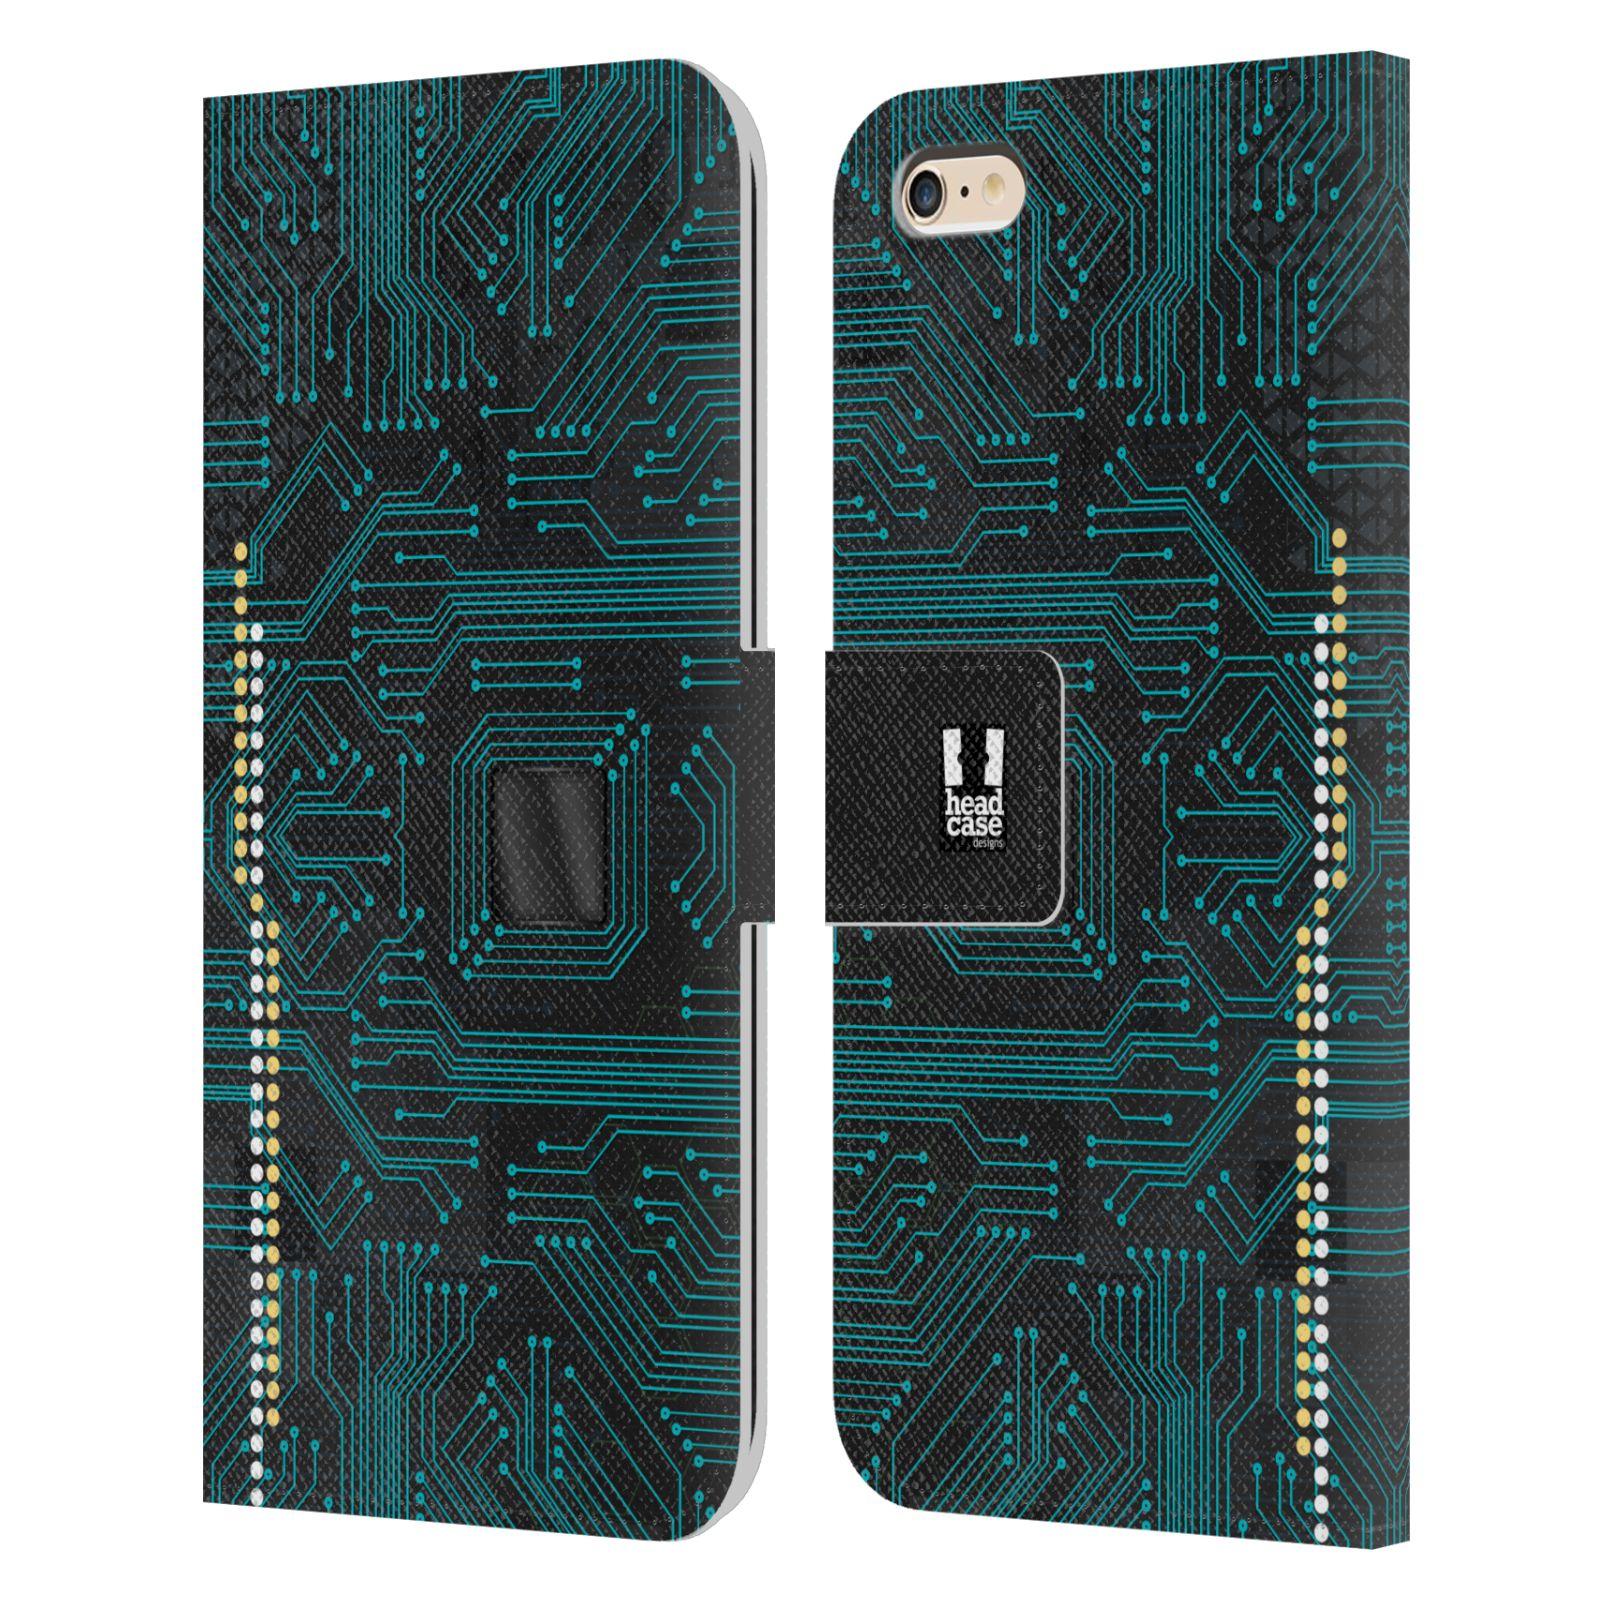 HEAD CASE Flipové pouzdro pro mobil Apple Iphone 6 PLUS / 6S PLUS počítač základní deska modrá barva